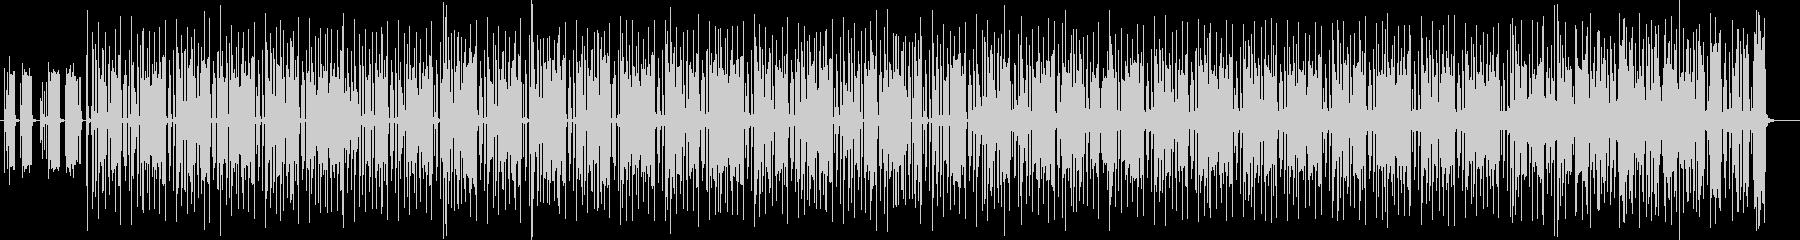 不思議系シンセサイザー木琴曲の未再生の波形